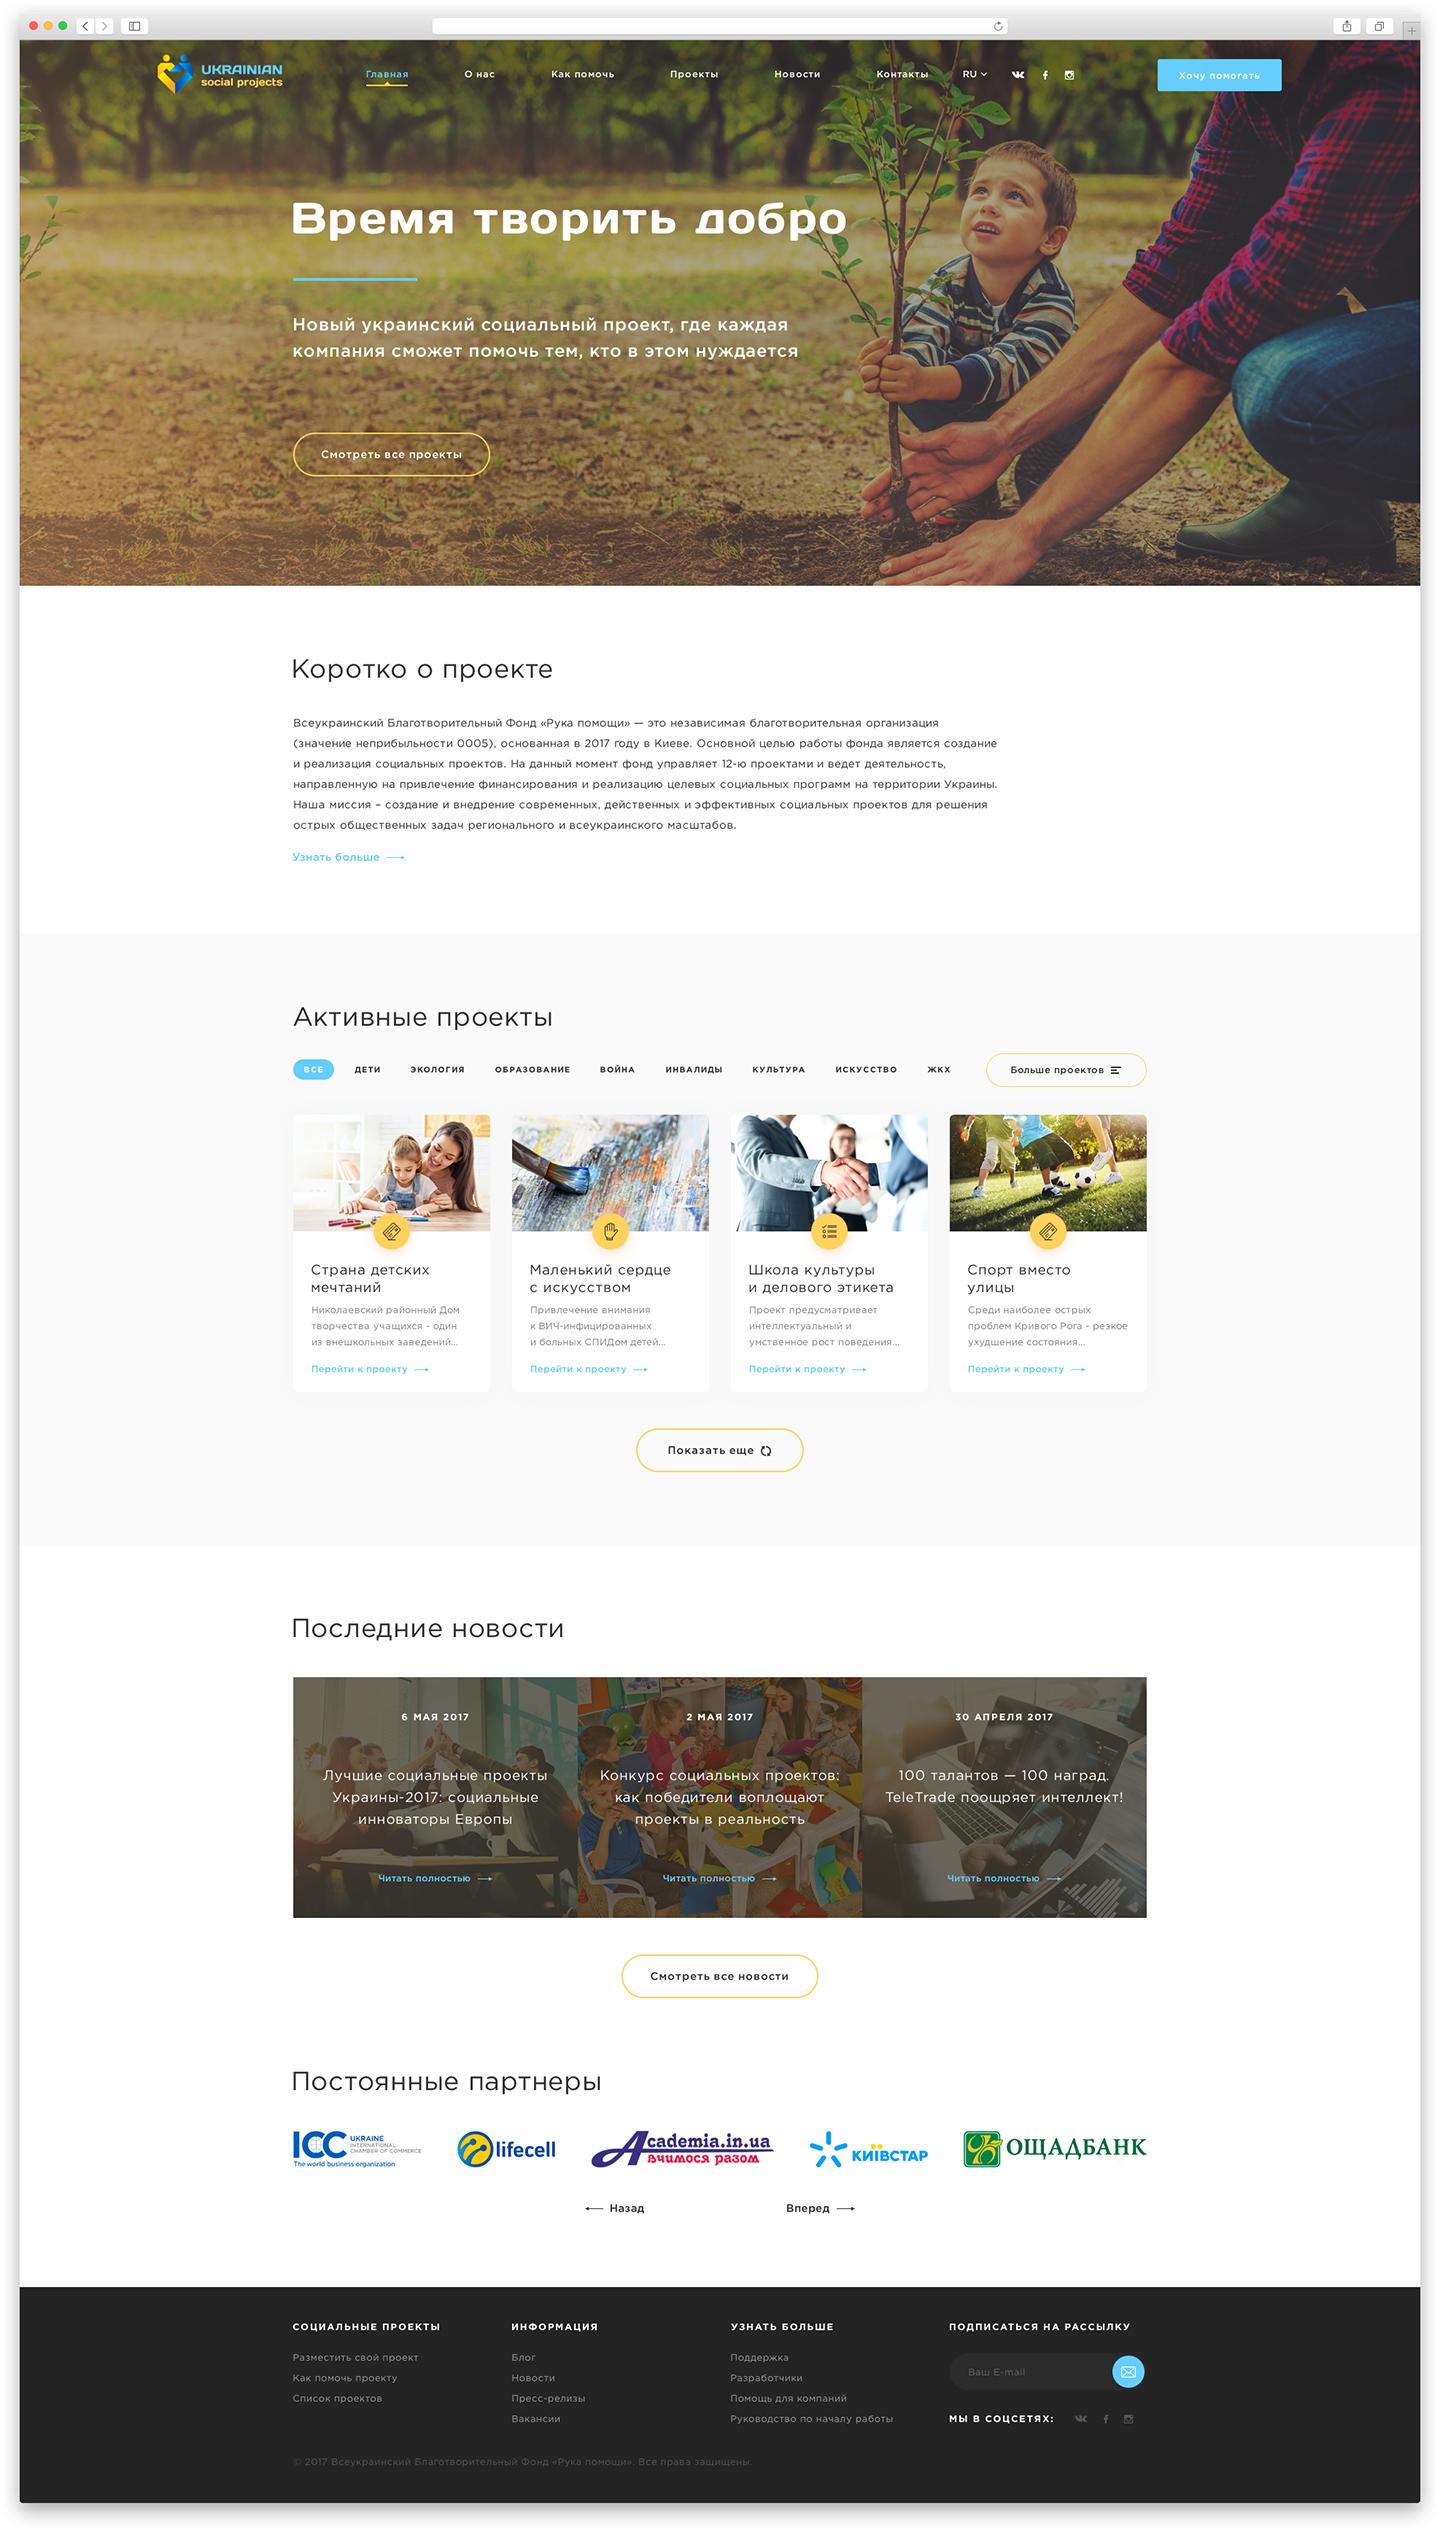 Главная страница для социального проекта